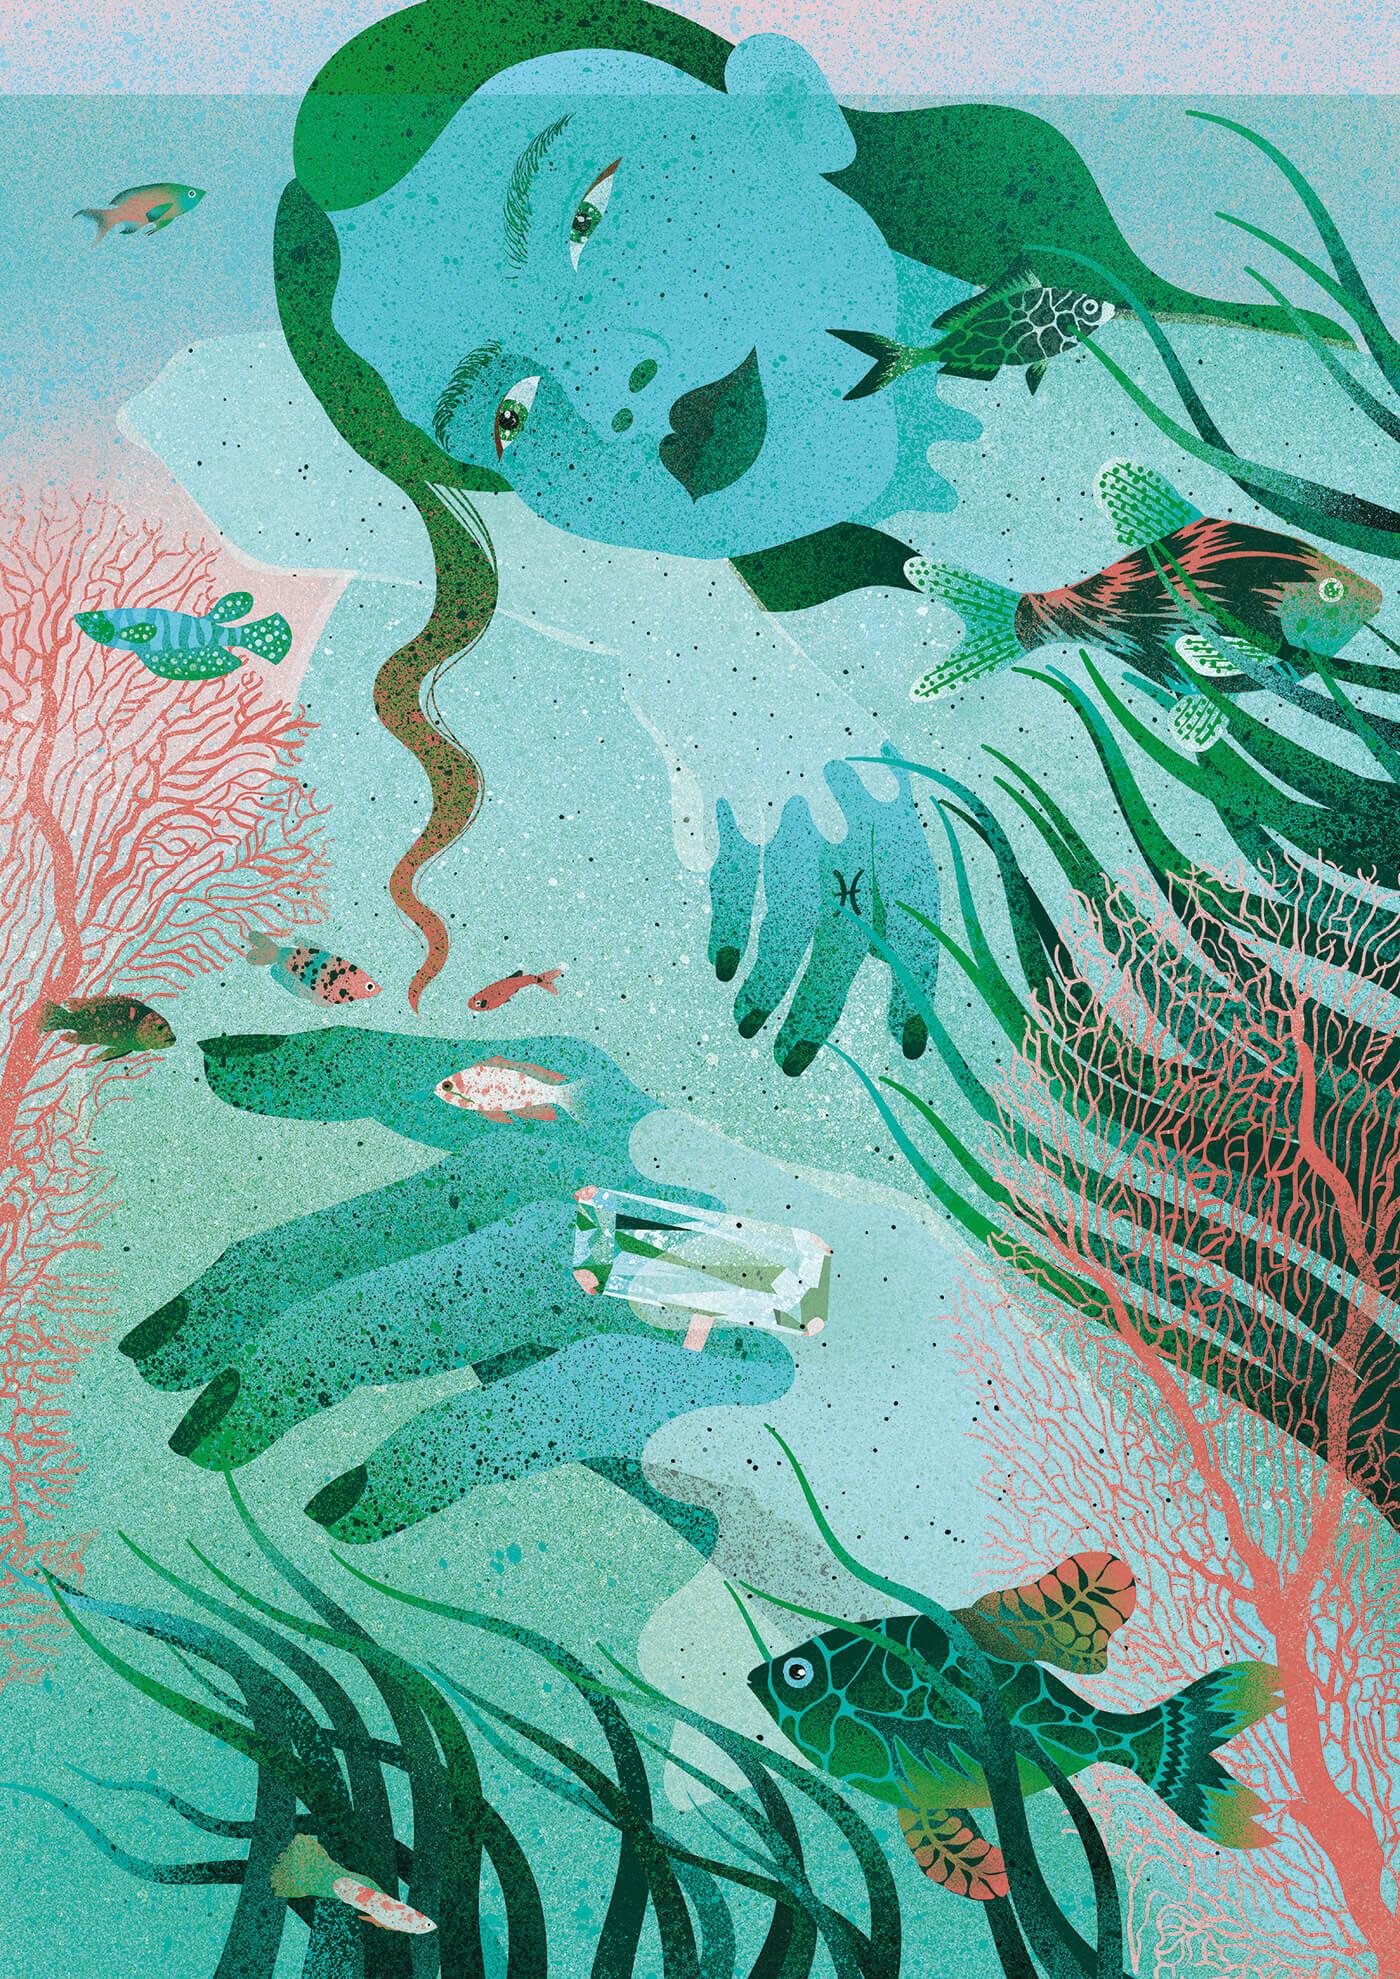 WANDA-Pisces-Artprint-3.jpg